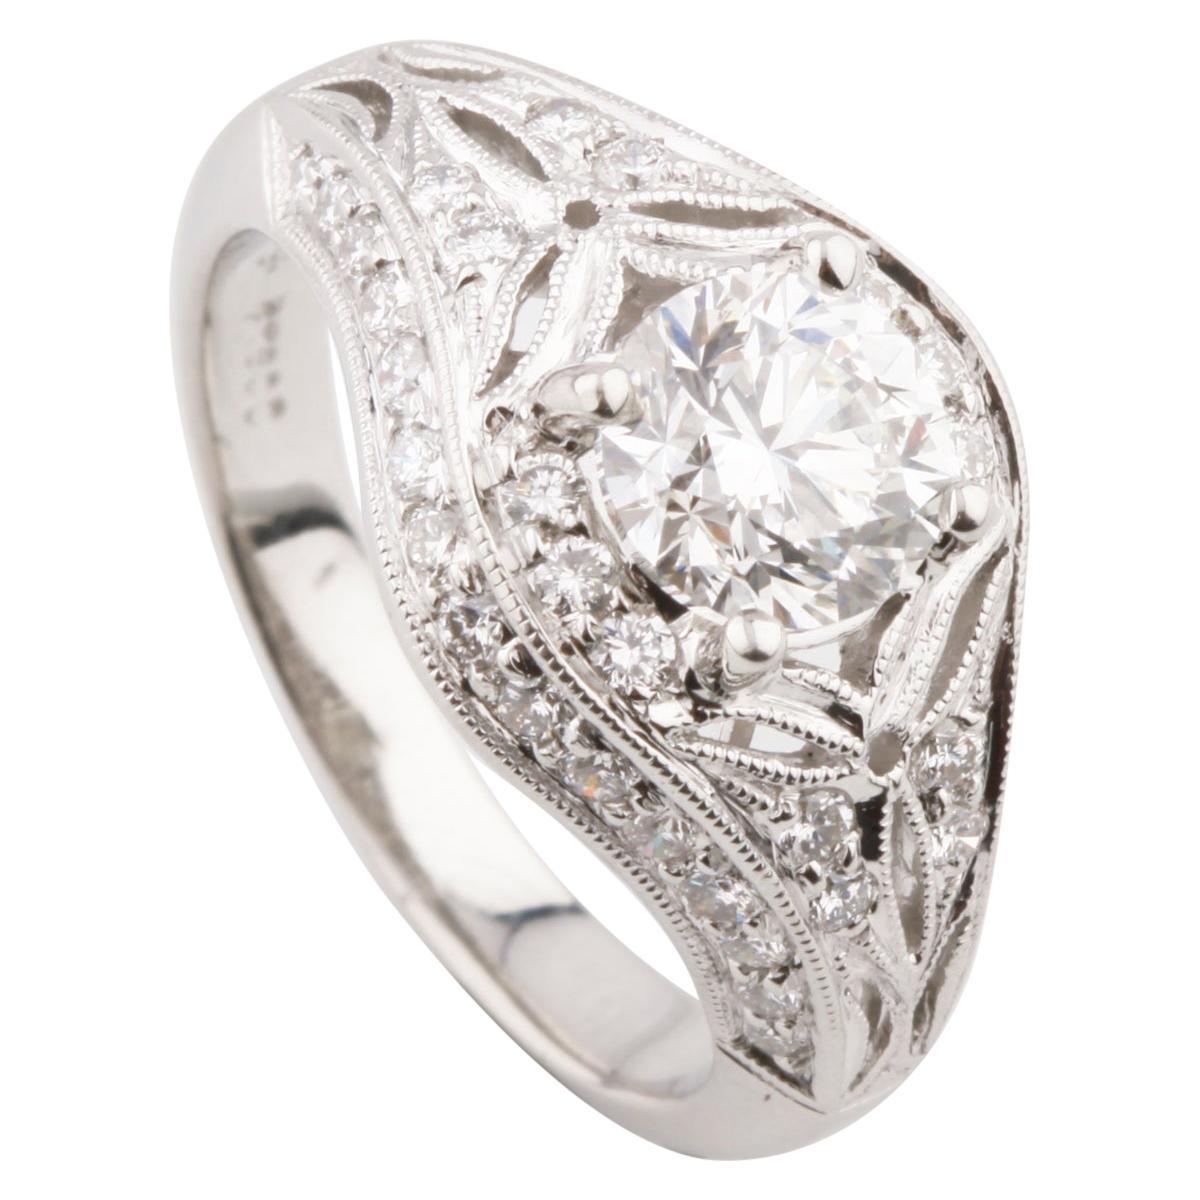 Simon G 1.33 Carat Round Brilliant Diamond Platinum Engagement Ring